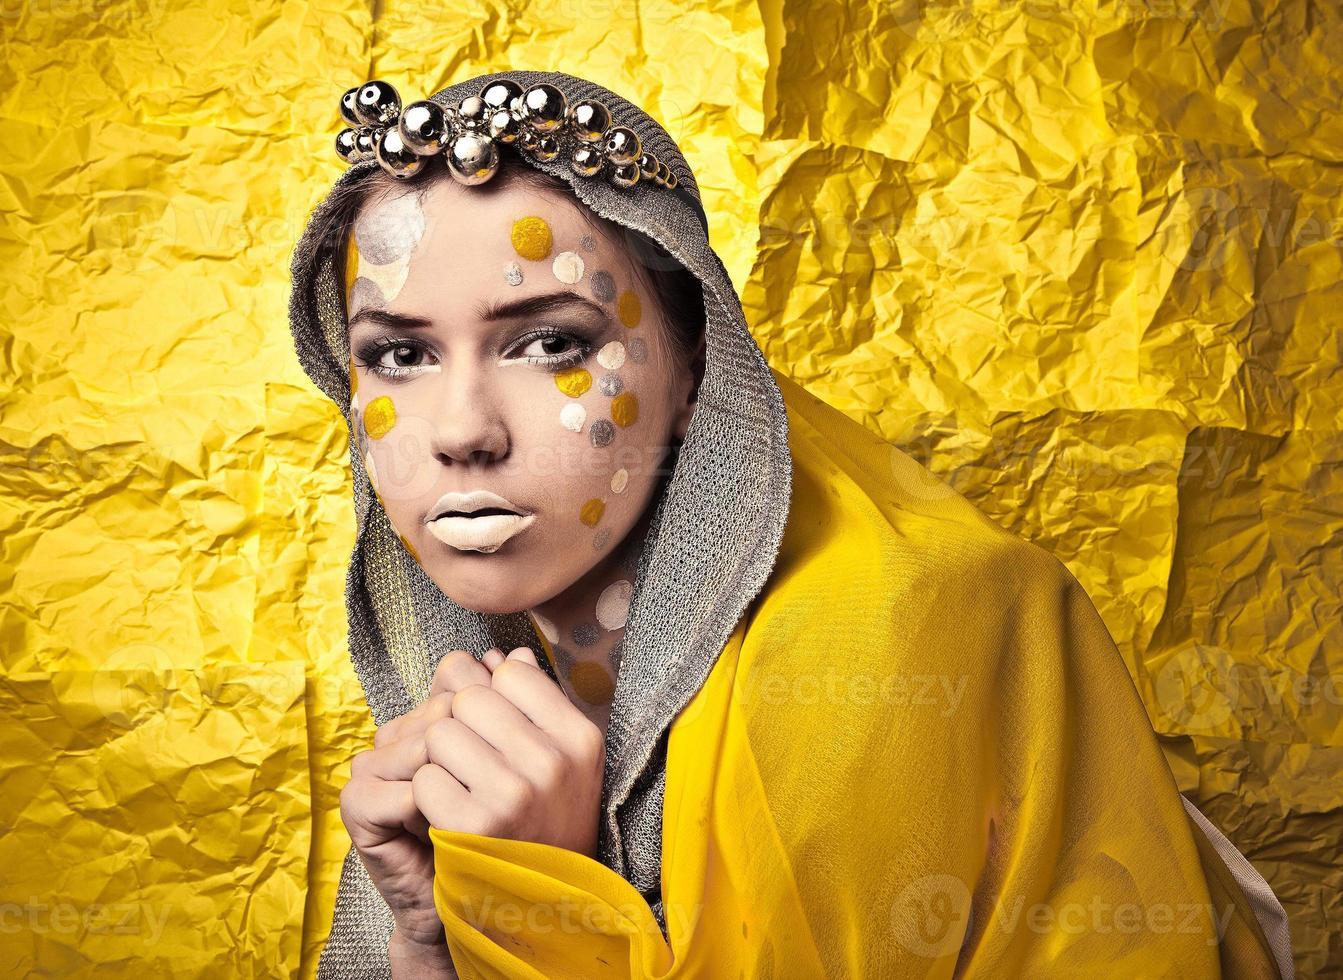 Mode schöne Frau über Grunge gelben Hintergrund. foto